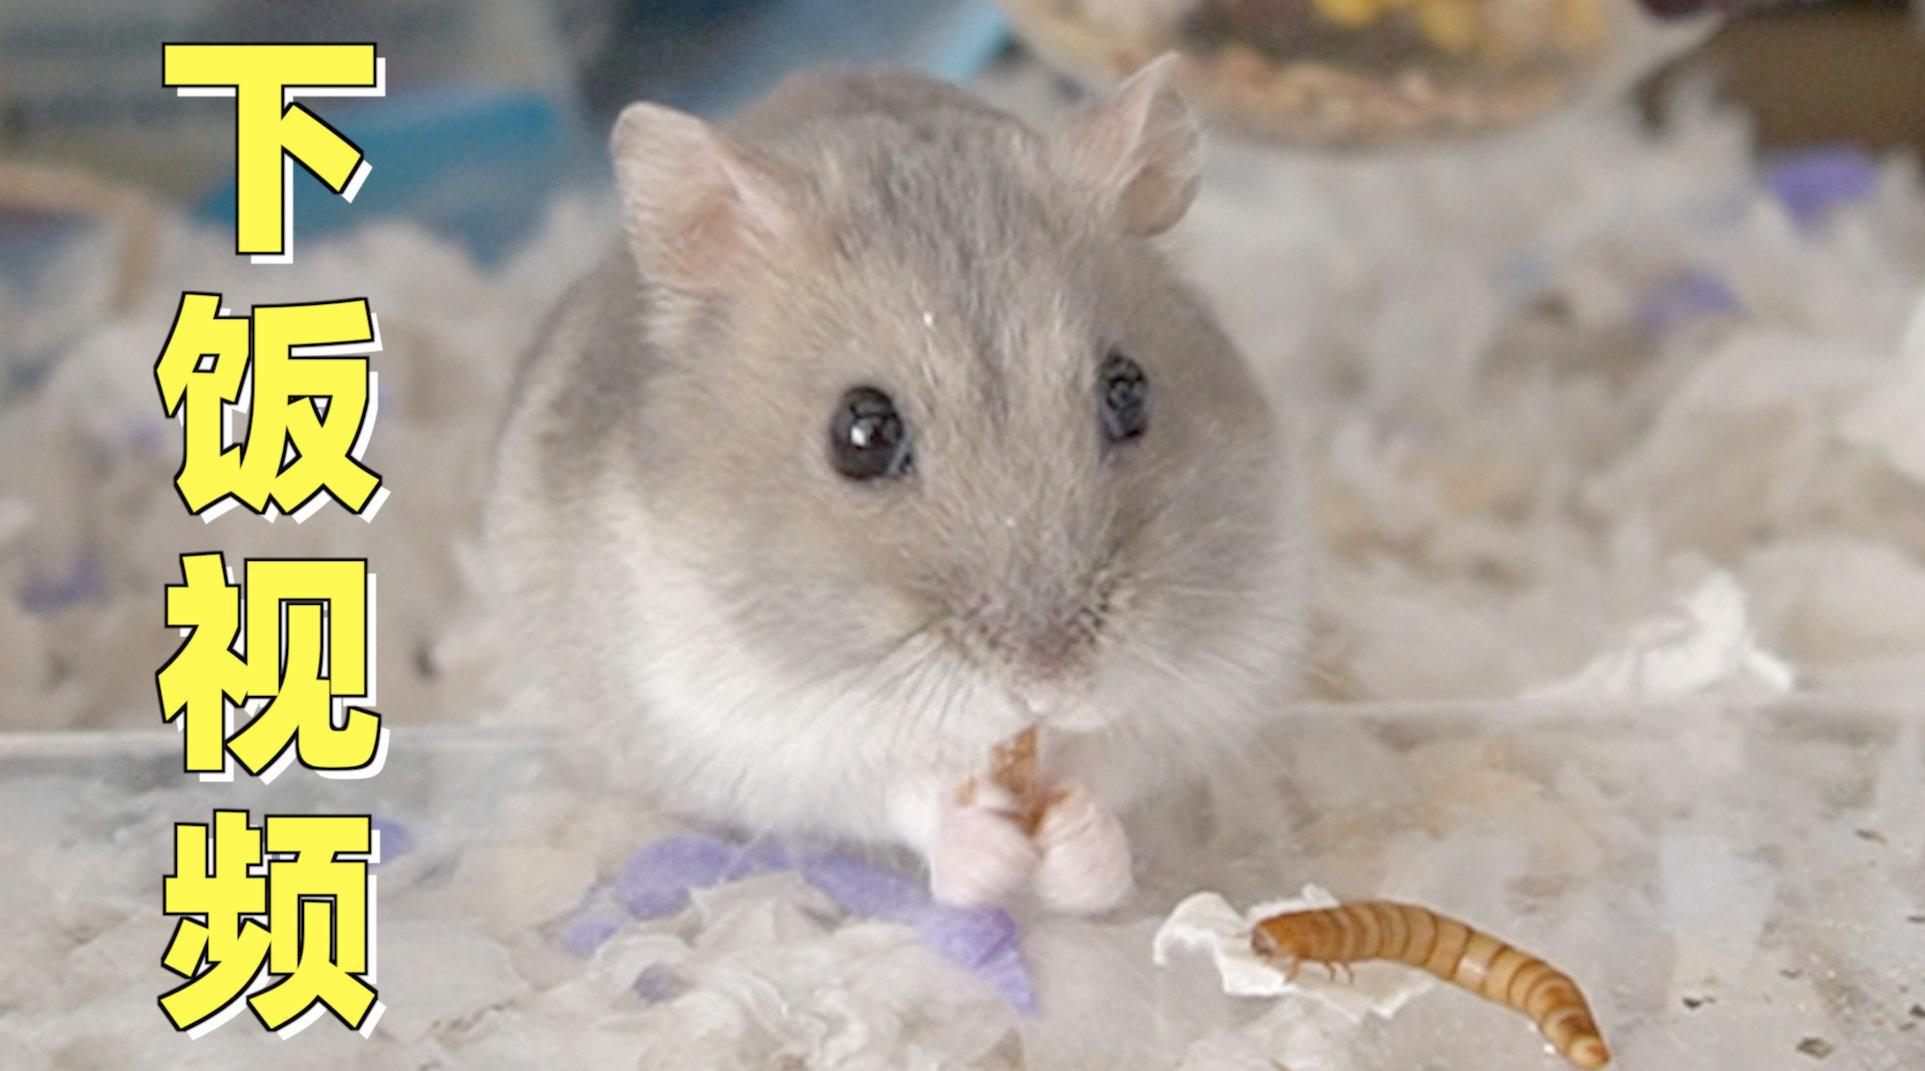 仓鼠大口吞活面包虫,咬掉半截后下半身还在蠕动,这蛋白质太新鲜了